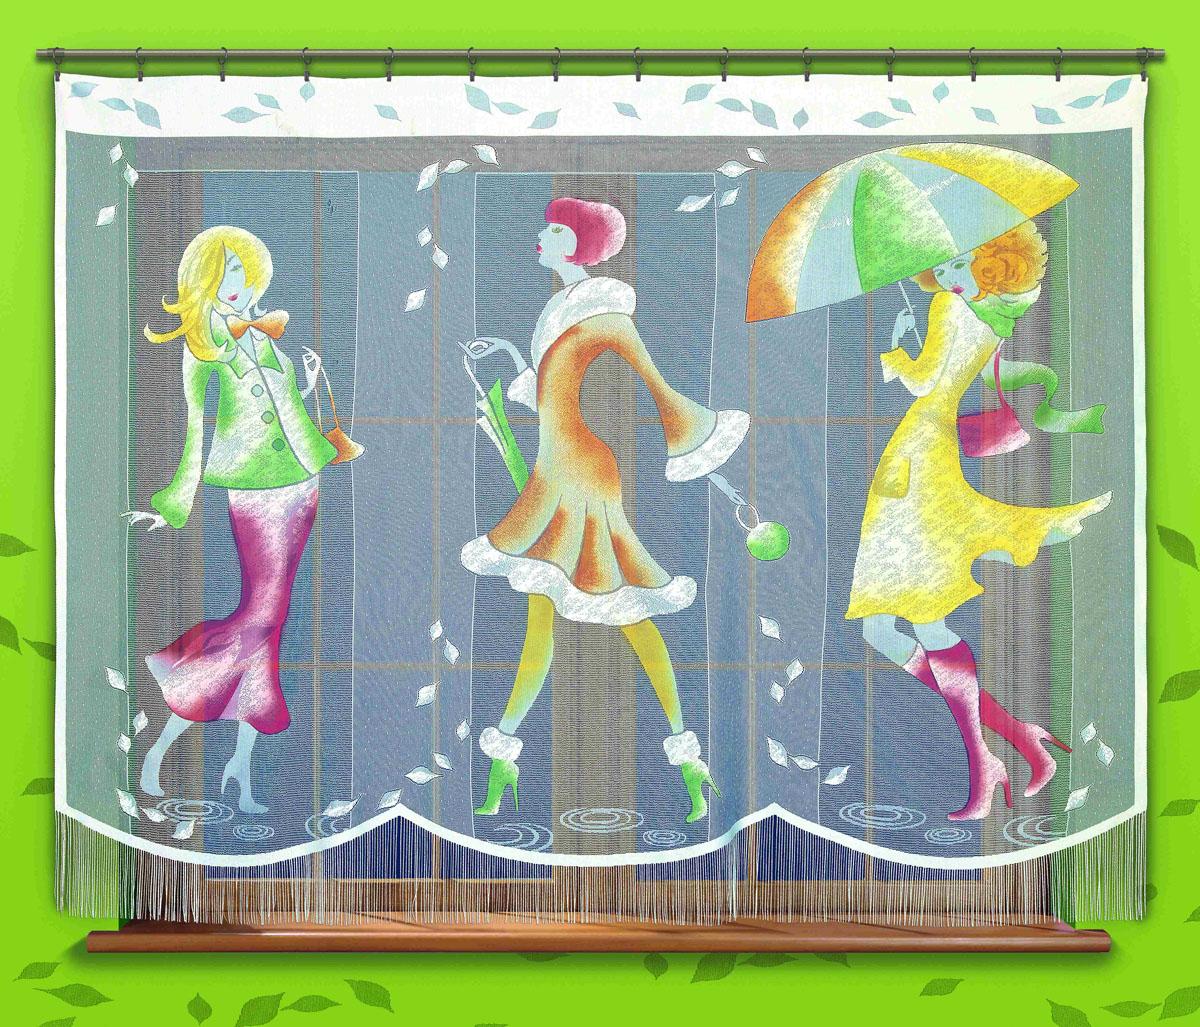 Гардина Pory Roku, цвет: белый, высота 180 см723942Оригинальная гардина Pory Roku, изготовленная из полиэстера белого цвета, станет великолепным украшением любого окна. Яркий принт в виде девушек и украшение в виде бахромы привлекут к себе внимание и органично впишутся в интерьер комнаты. Верхняя часть гардины не оснащена креплениями. Характеристики:Материал: 100% полиэстер. Размер упаковки:27 см х 34 см х 4 см. Артикул: 723942.В комплект входит:Гардина - 1 шт. Размер (Ш х В): 250 см х 180 см. Фирма Wisan на польском рынке существует уже более пятидесяти лет и является одной из лучших польских фабрик по производству штор и тканей. Ассортимент фирмы представлен готовыми комплектами штор для гостиной, детской, кухни, а также текстилем для кухни (скатерти, салфетки, дорожки, кухонные занавески). Модельный ряд отличает оригинальный дизайн, высокое качество. Ассортимент продукции постоянно пополняется.